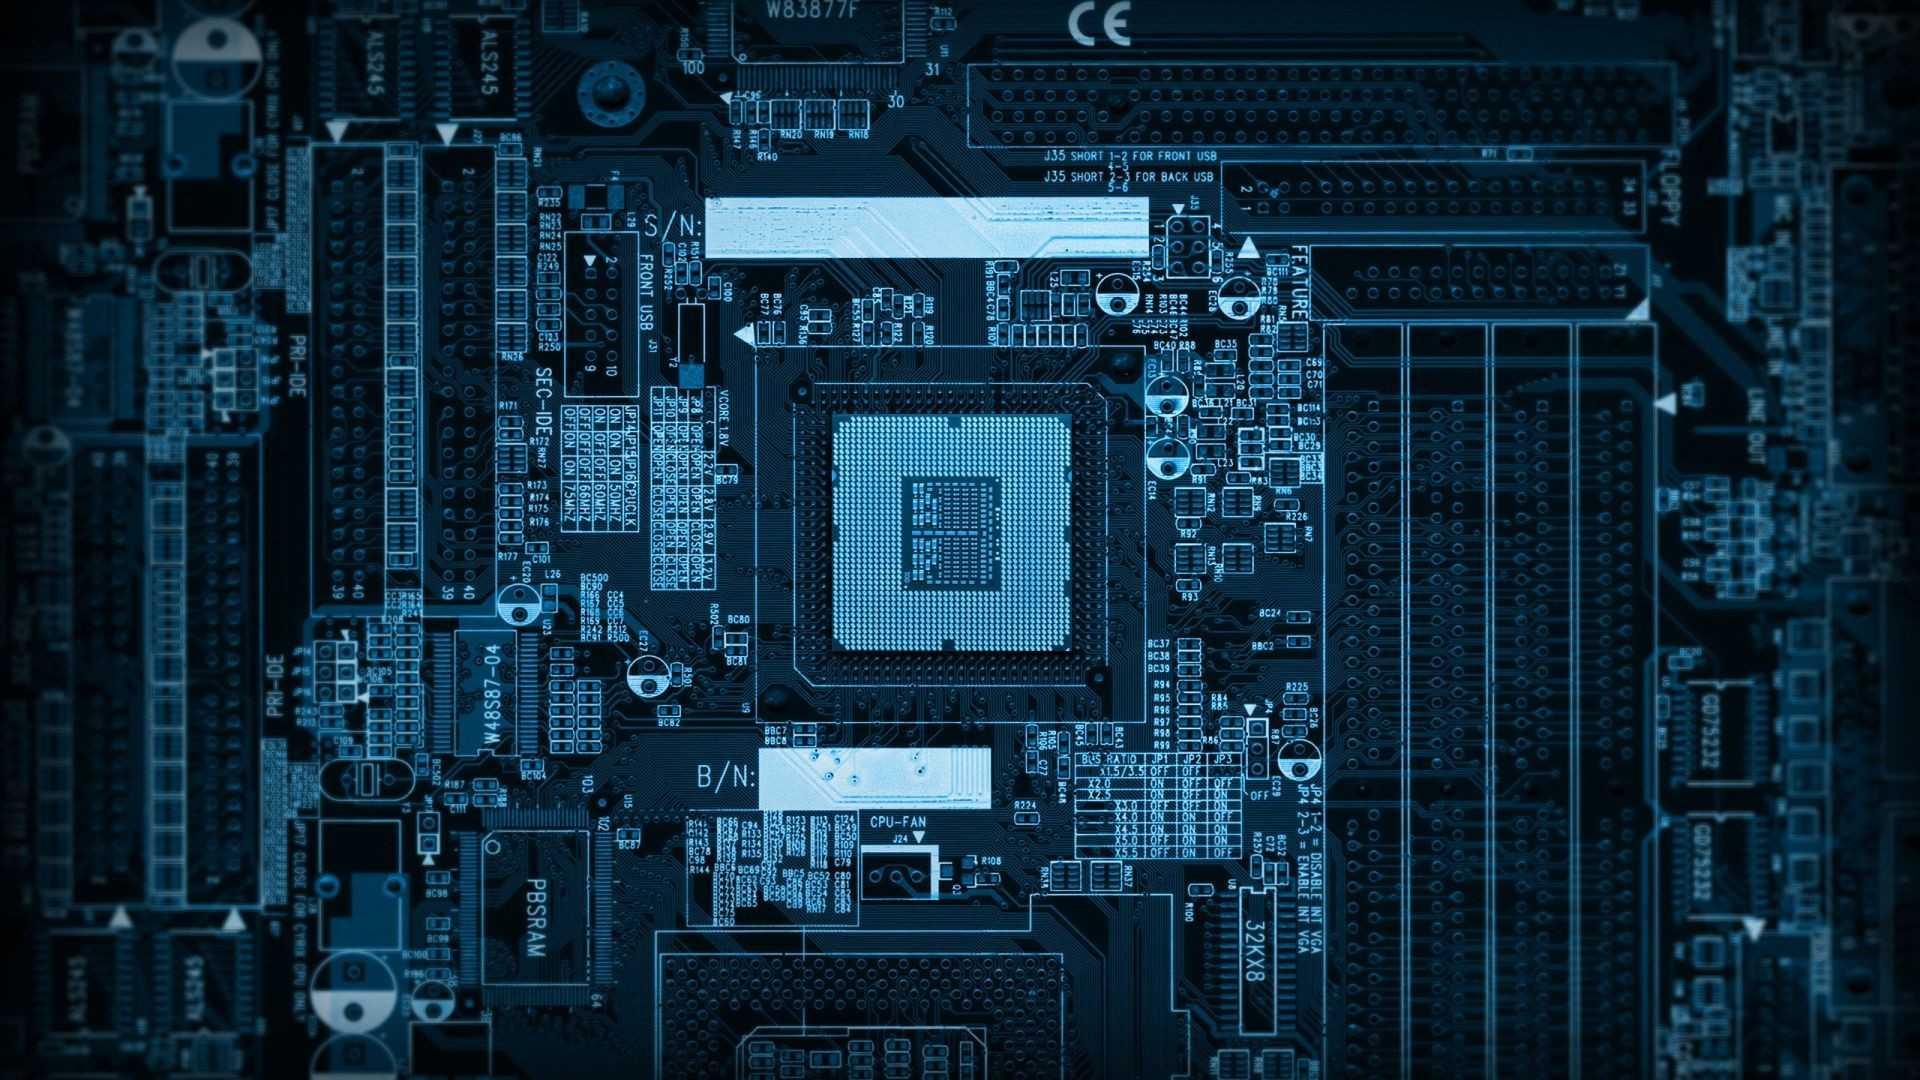 Компьютерные технологи будущего выходят из рамок ранее определенных законов